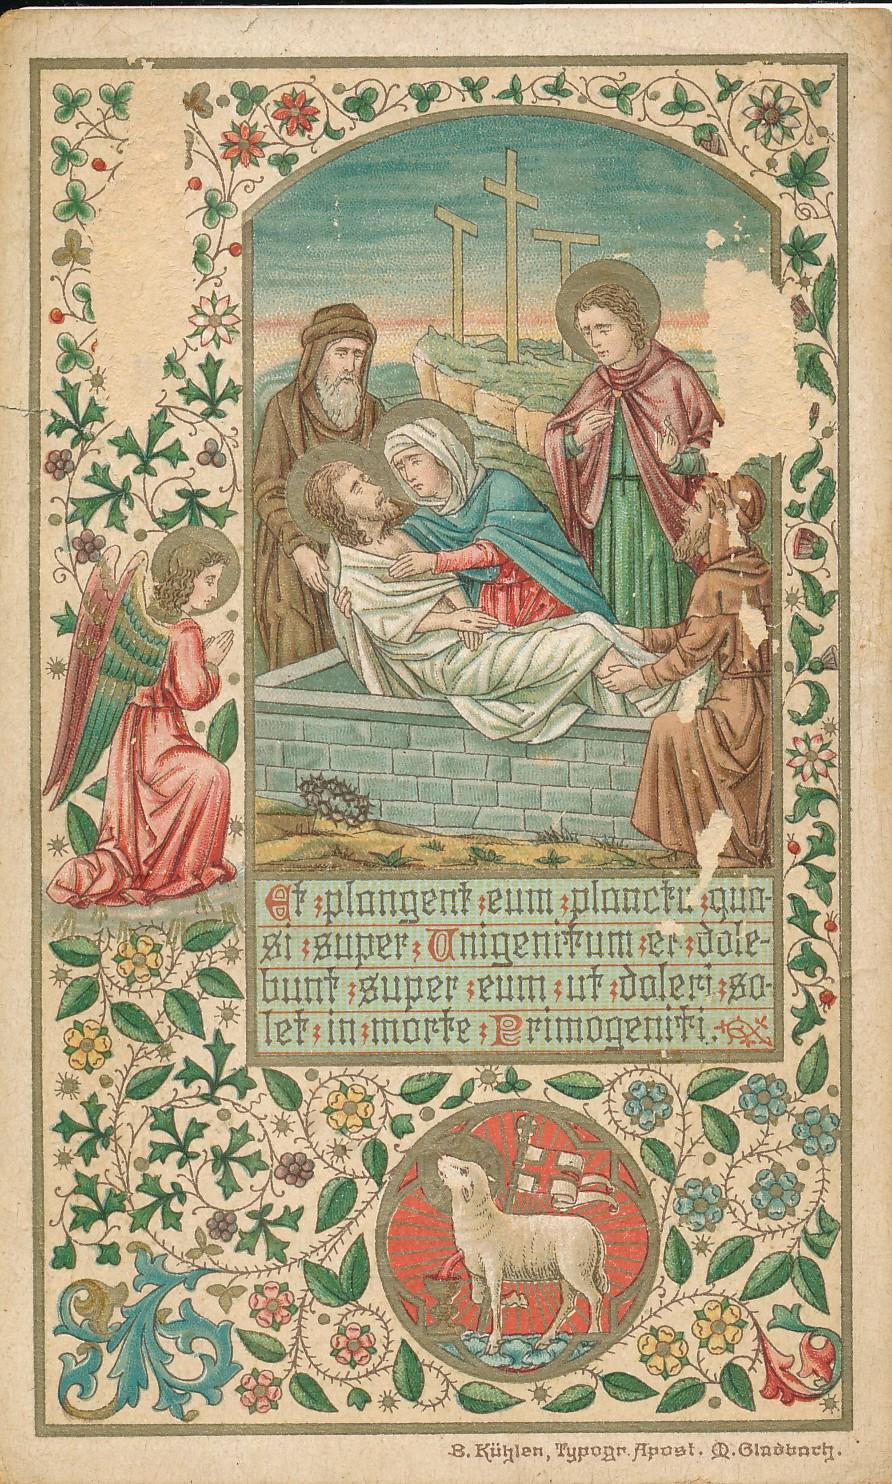 Fotoalbum Andre Kamsma, 115, Gedachtenis fan aan de heilige missie te Oosterwierum,1895, Eerste eeuwfeest parochie